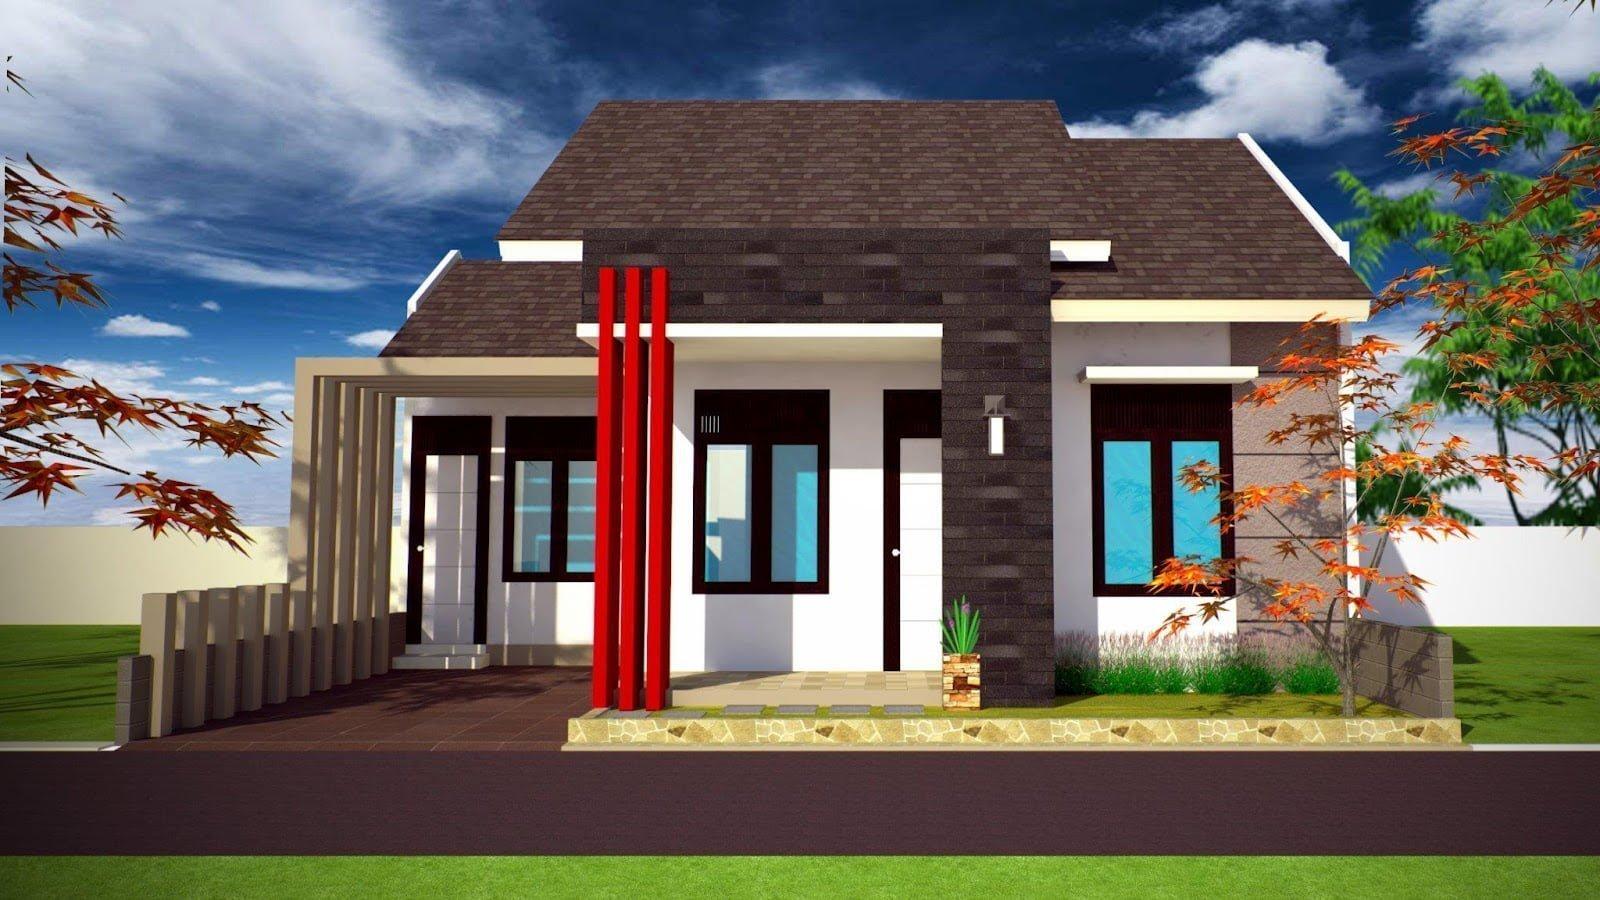 47 Arsitektur Desain Model Rumah Minimalis Tampak Depan 1 Lantai Paling Banyak di Cari